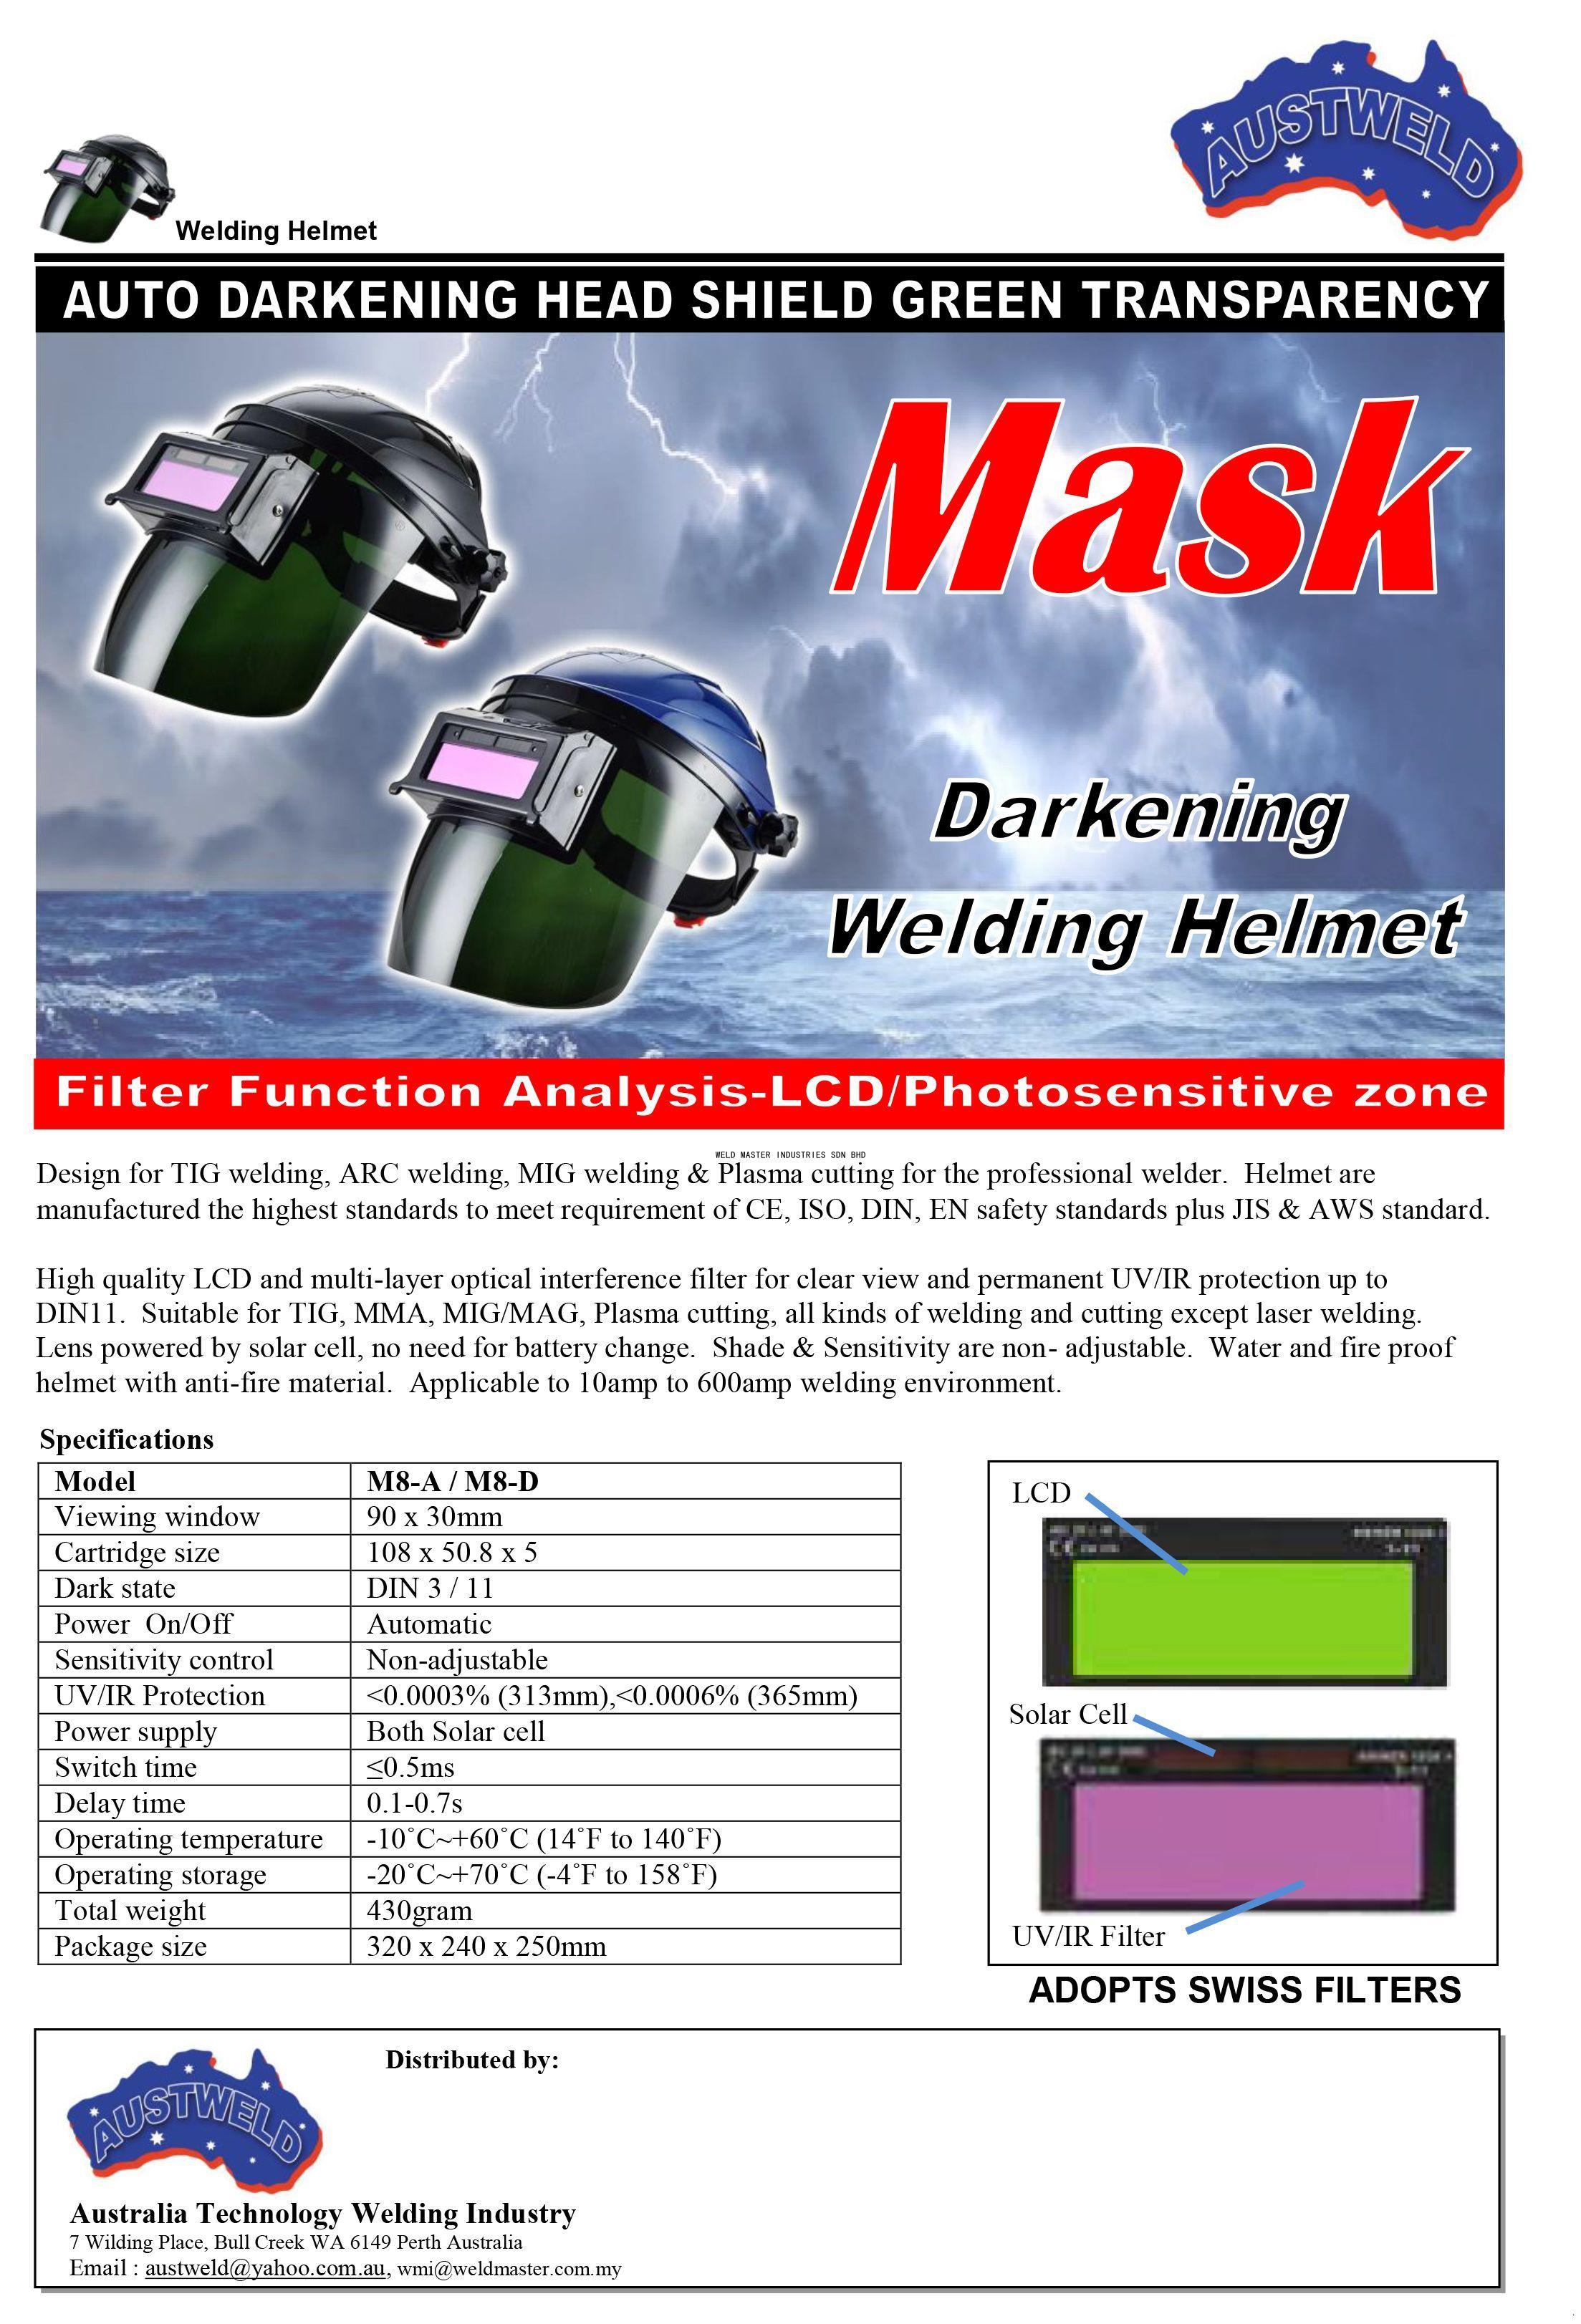 welding helmet_M8-A